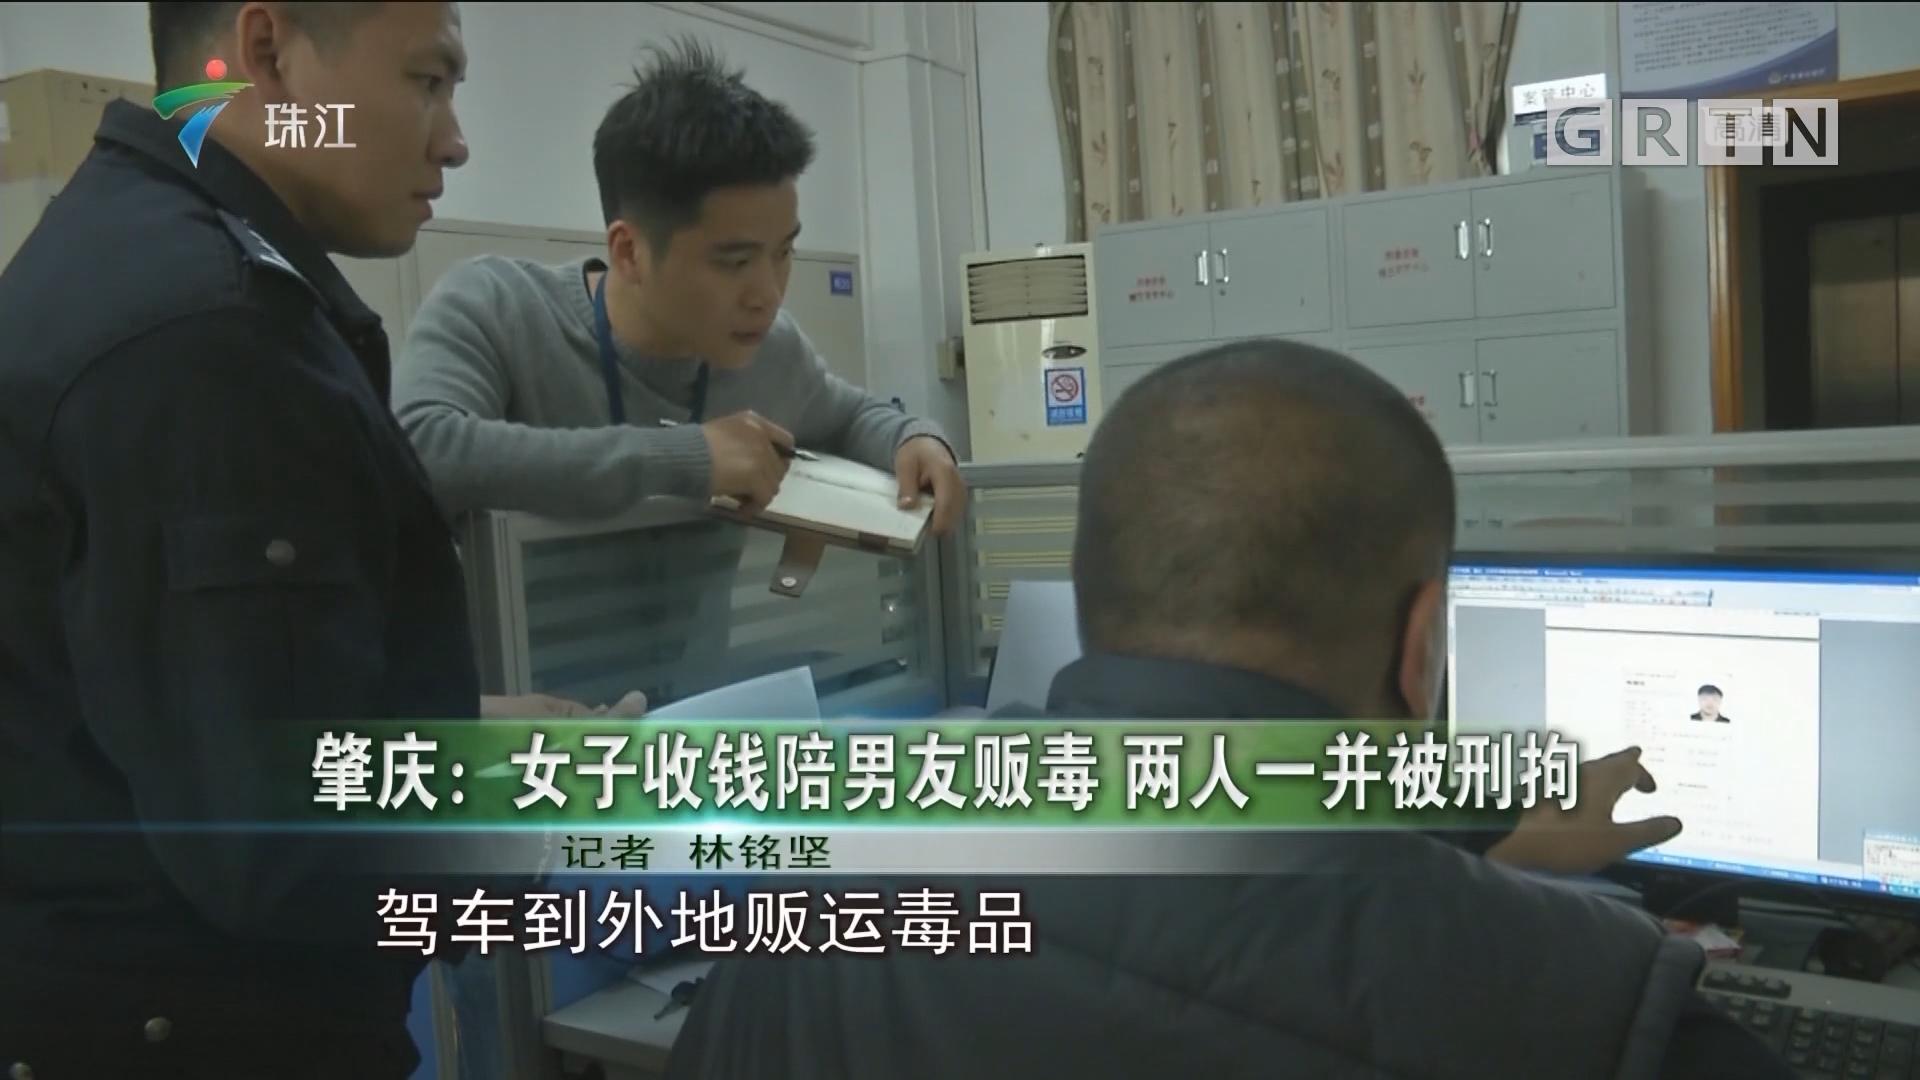 肇庆:女子收钱陪男友贩毒 两人一并被刑拘